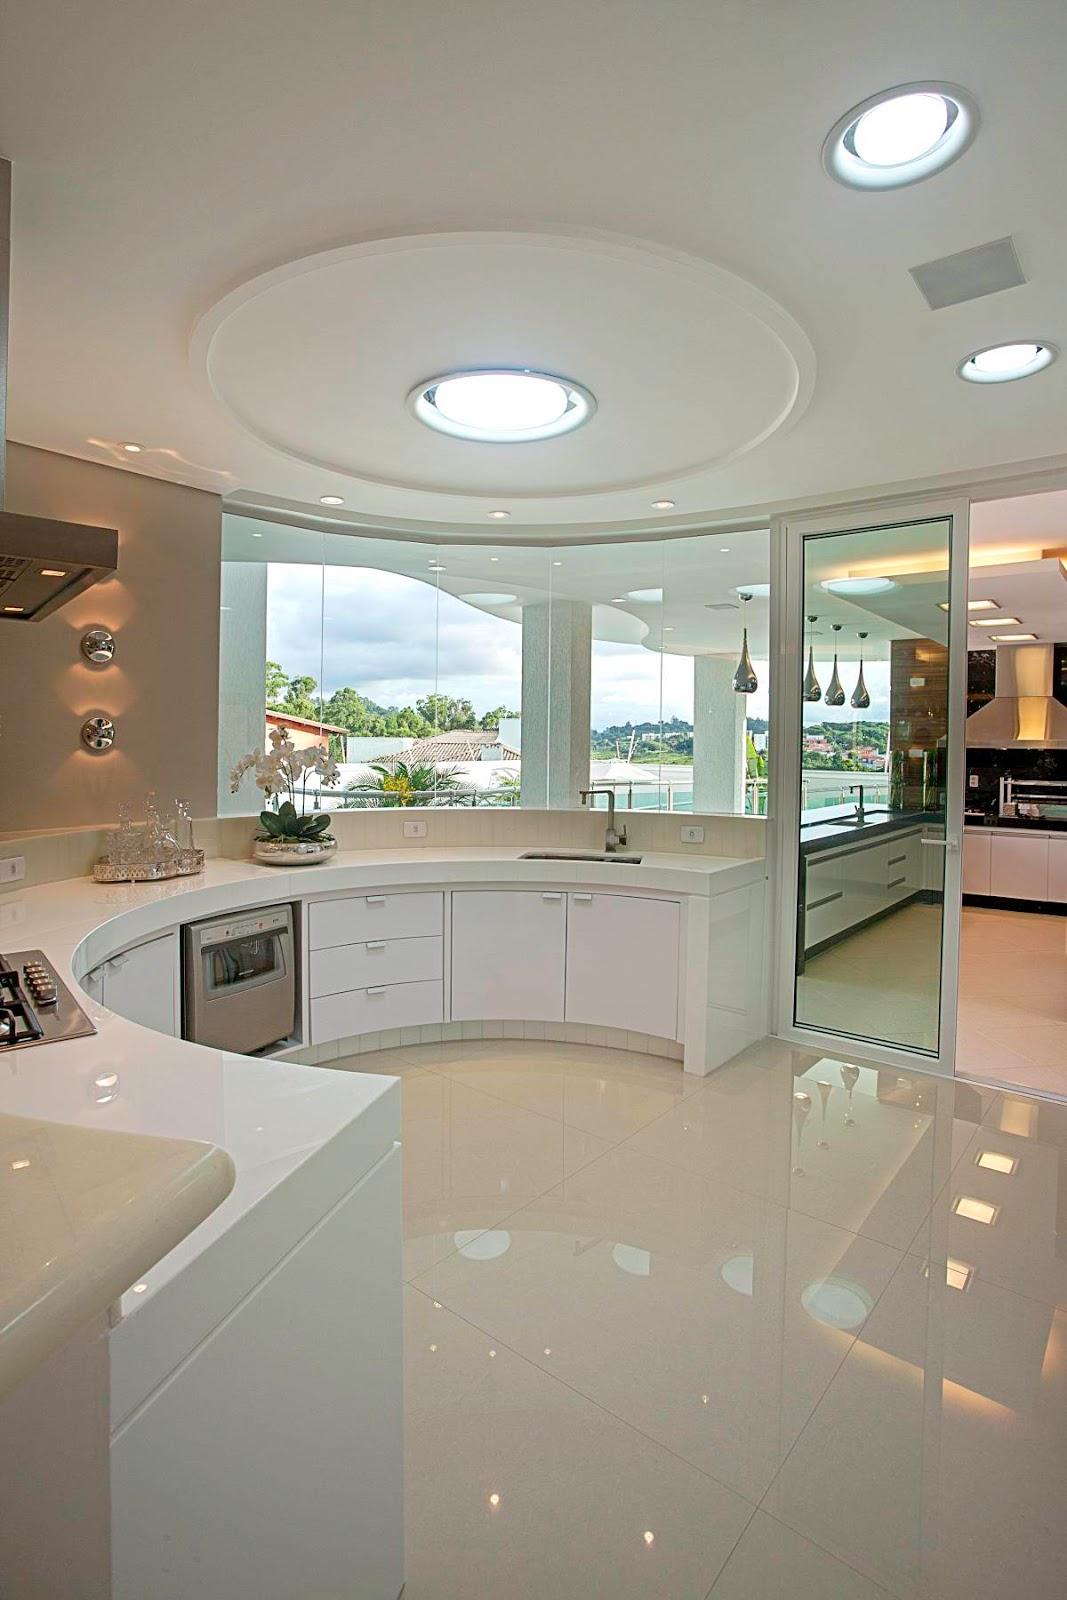 Construindo Minha Casa Clean: 45 Cozinhas Americanas com Ilha em Curva  #614933 1067 1600